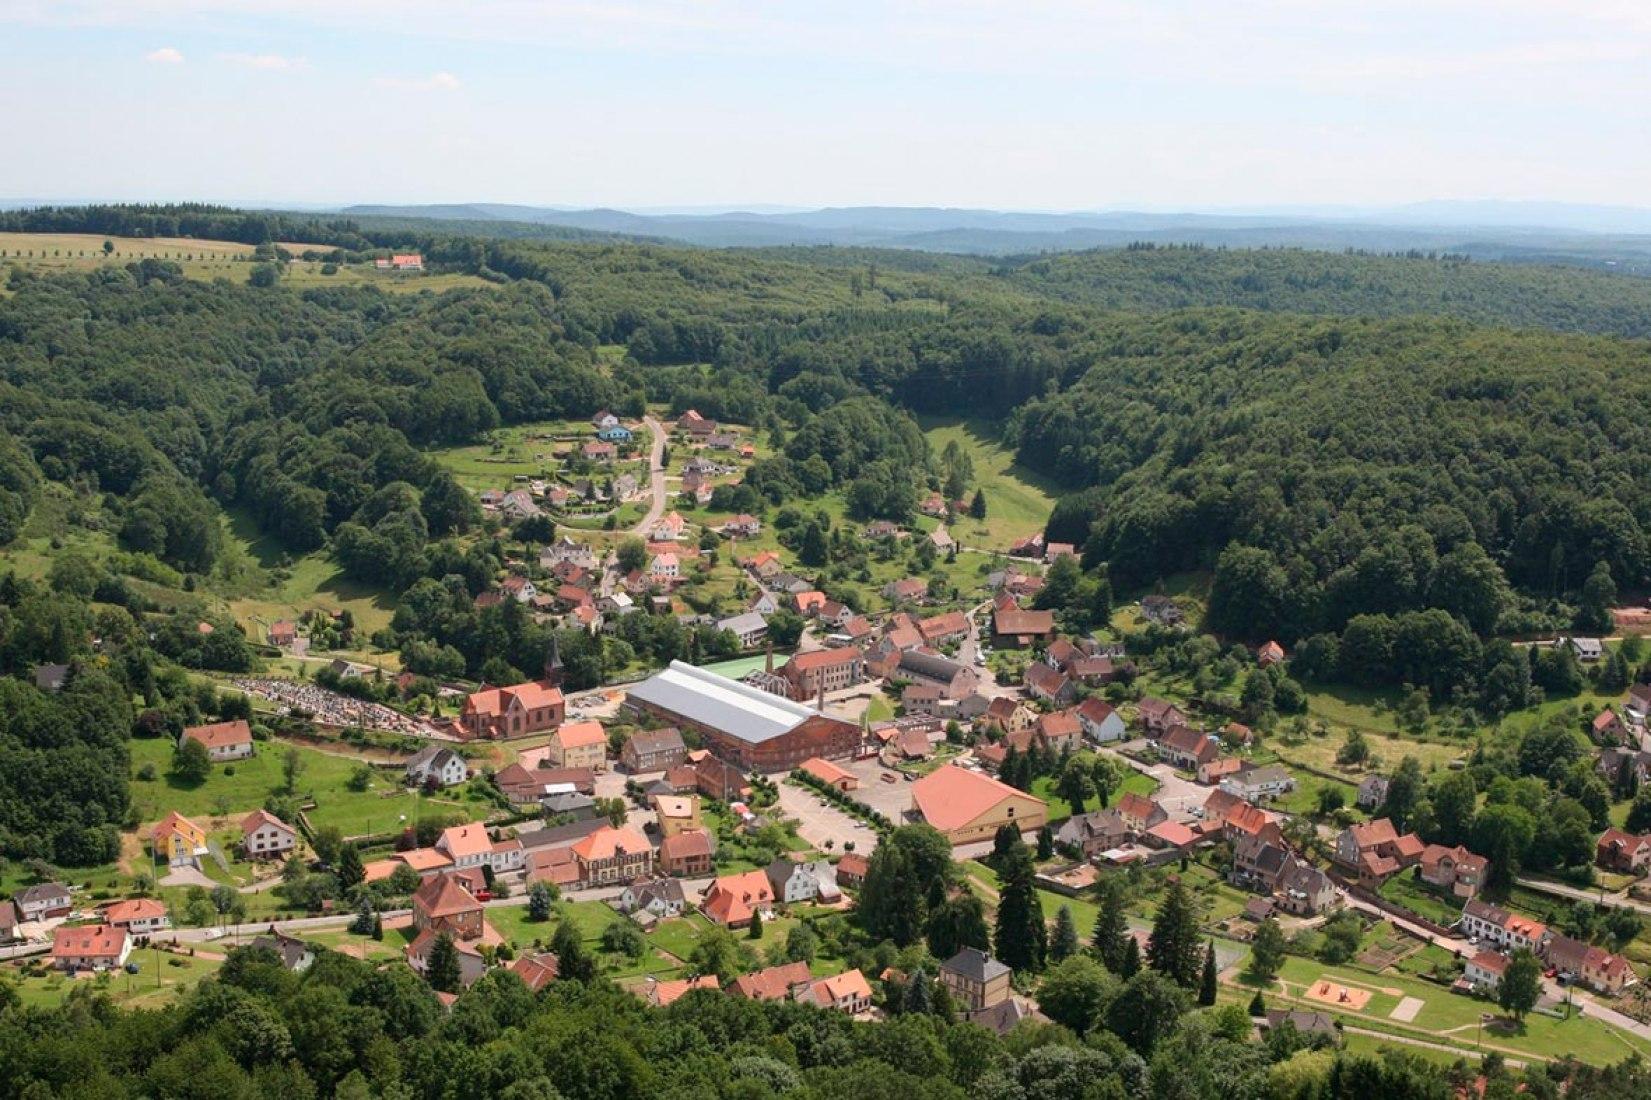 Vista general sobre Meisenthal. Nuevo Site Verrier por SO–IL y FREAKS Architects. Imagen cortesía de SO-IL.